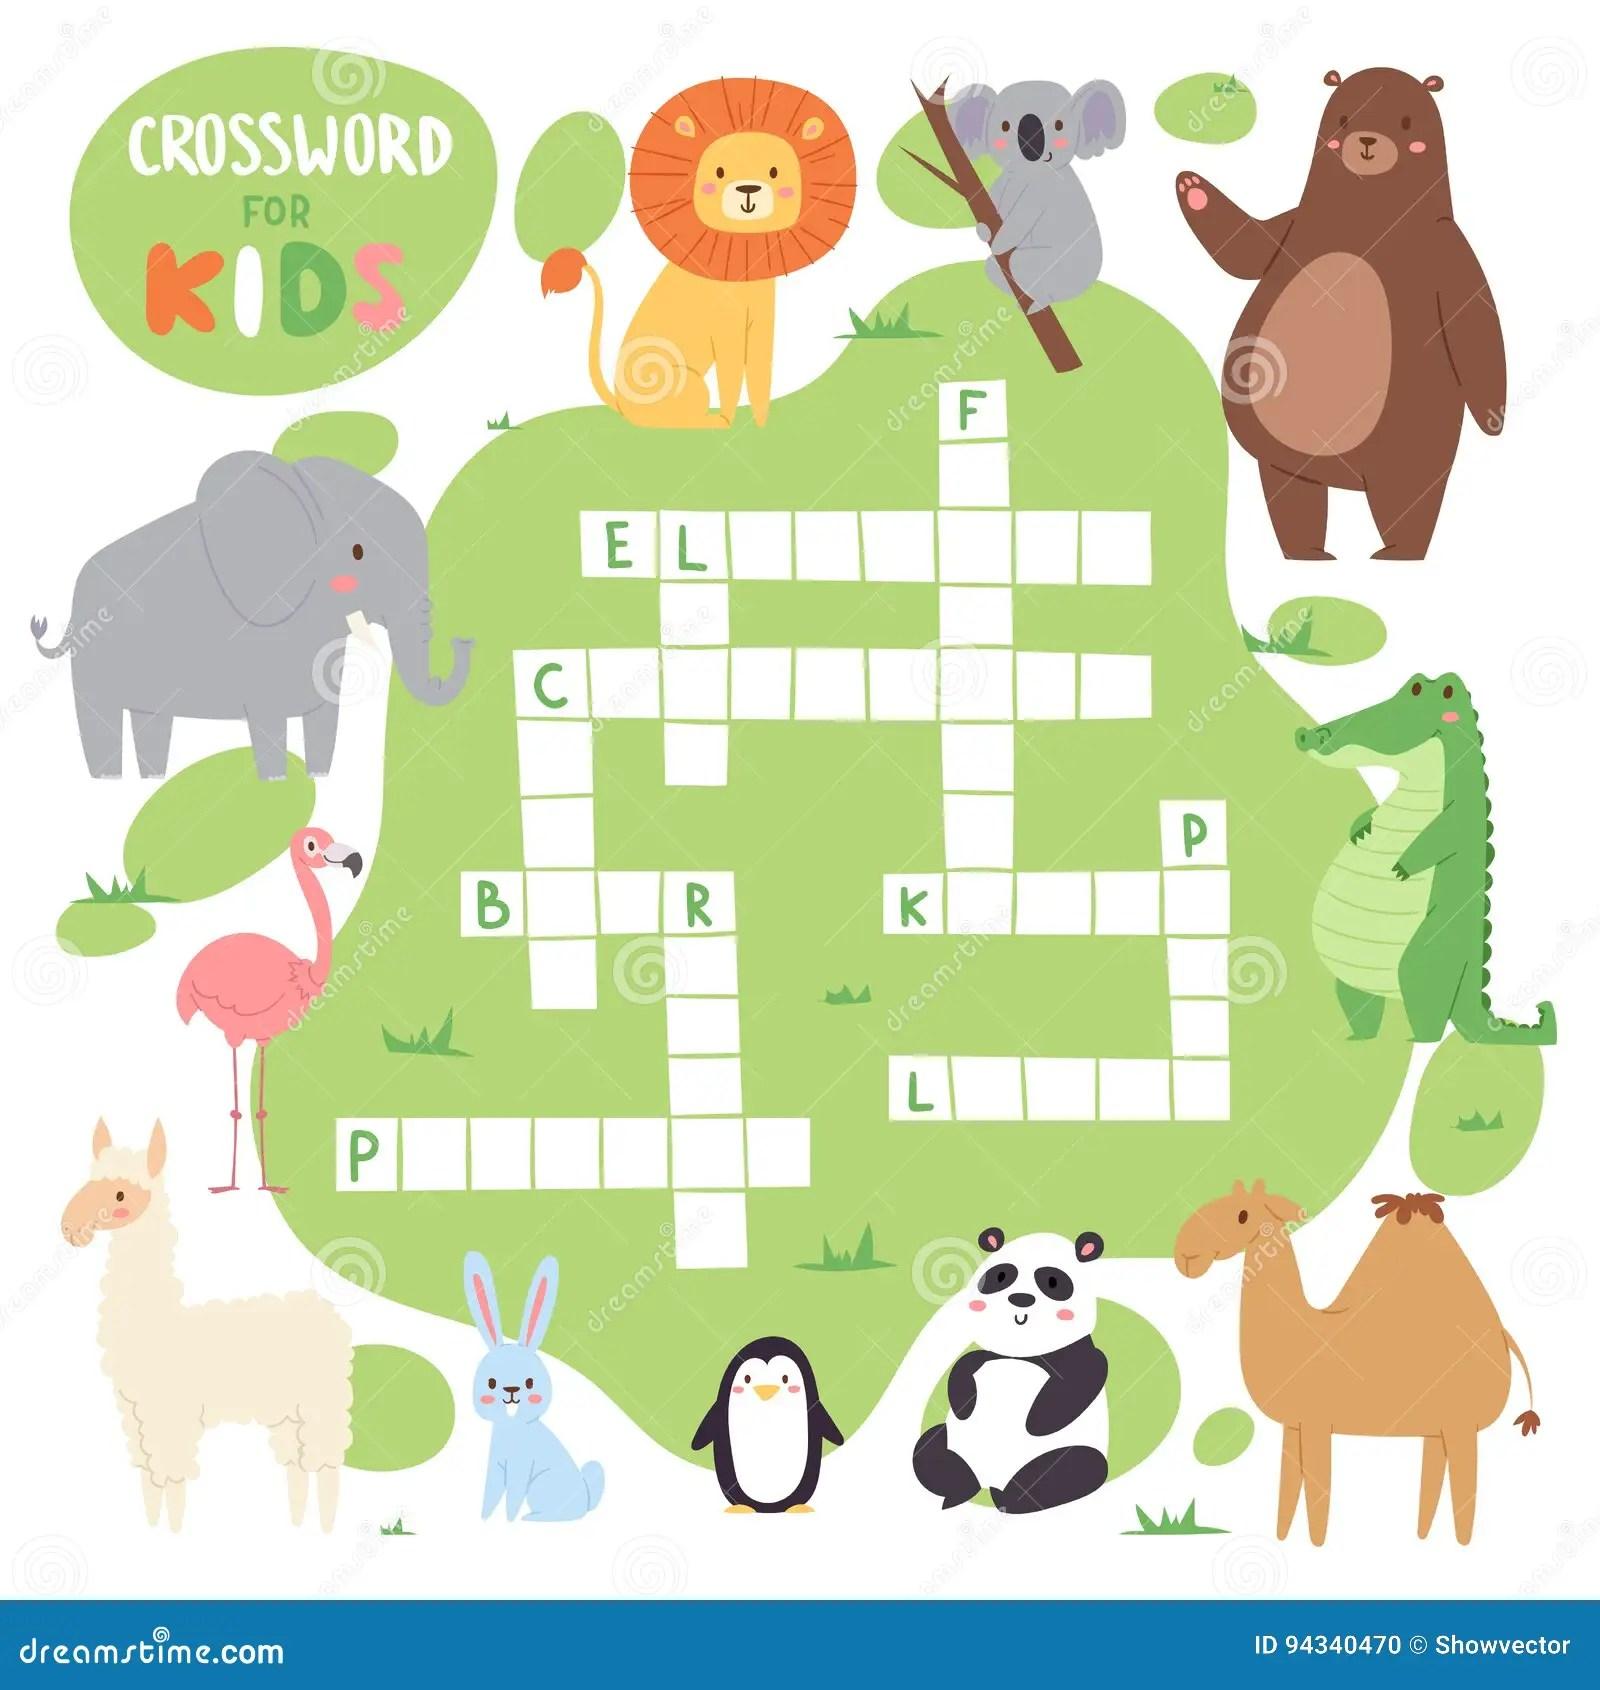 Crossword Words Game For Children Vector Illustration